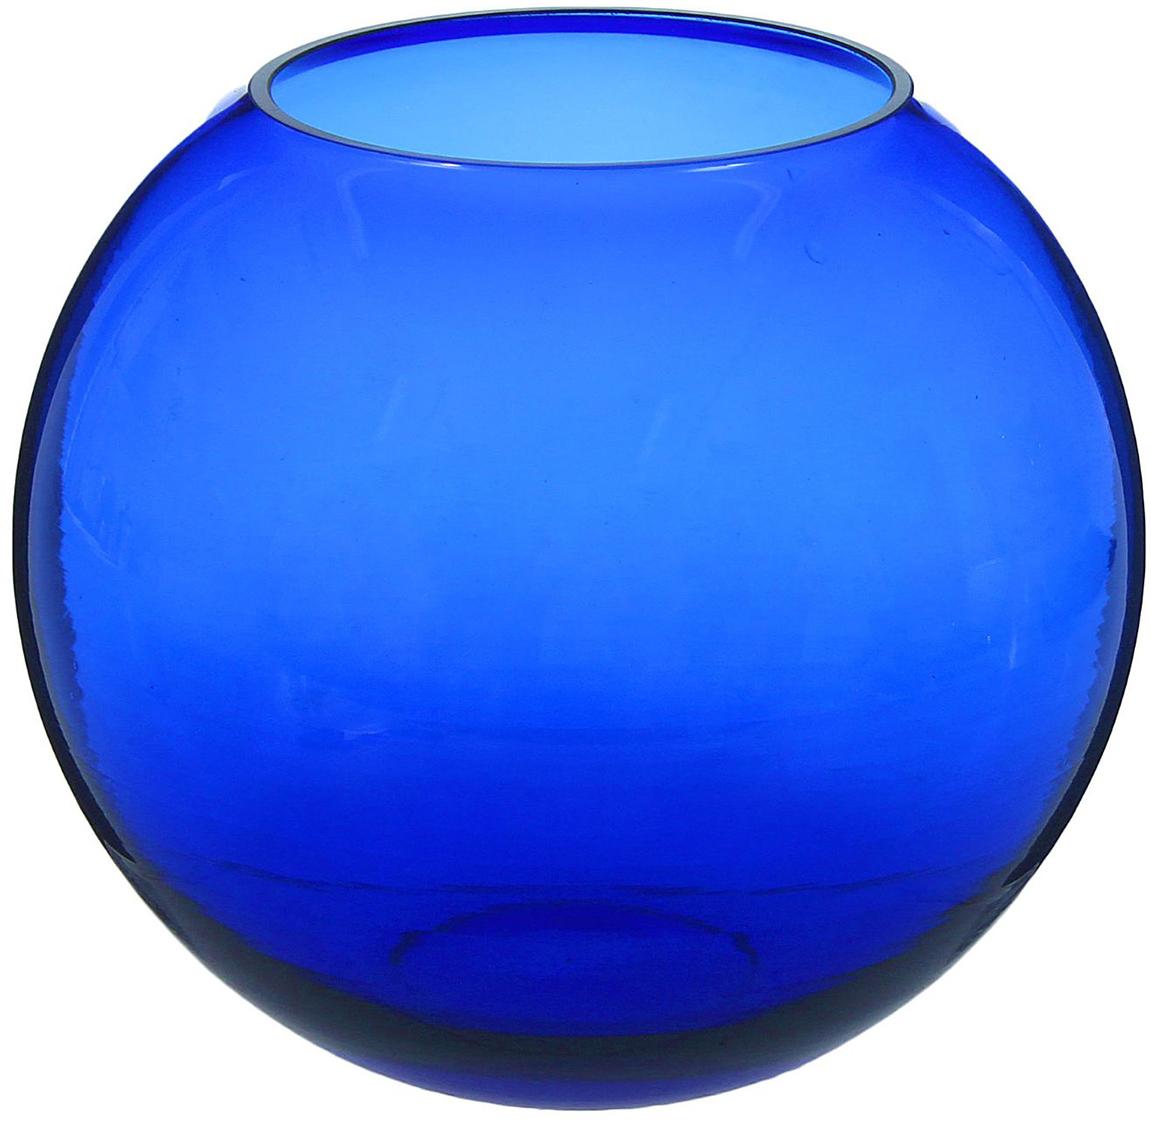 Ваза Шар, цвет: синий, 16 см1346369Ваза - не просто сосуд для букета, а украшение убранства. Поставьте в неё цветы или декоративные веточки, и эффектный интерьерный акцент готов! Стеклянный аксессуар добавит помещению лёгкости. Ваза Шар синяя преобразит пространство и как самостоятельный элемент декора. Наполните интерьер уютом! Каждая ваза выдувается мастером. Второй точно такой же не встретить. А случайный пузырёк воздуха или застывшая стеклянная капелька на горлышке лишь подчёркивают её уникальность.